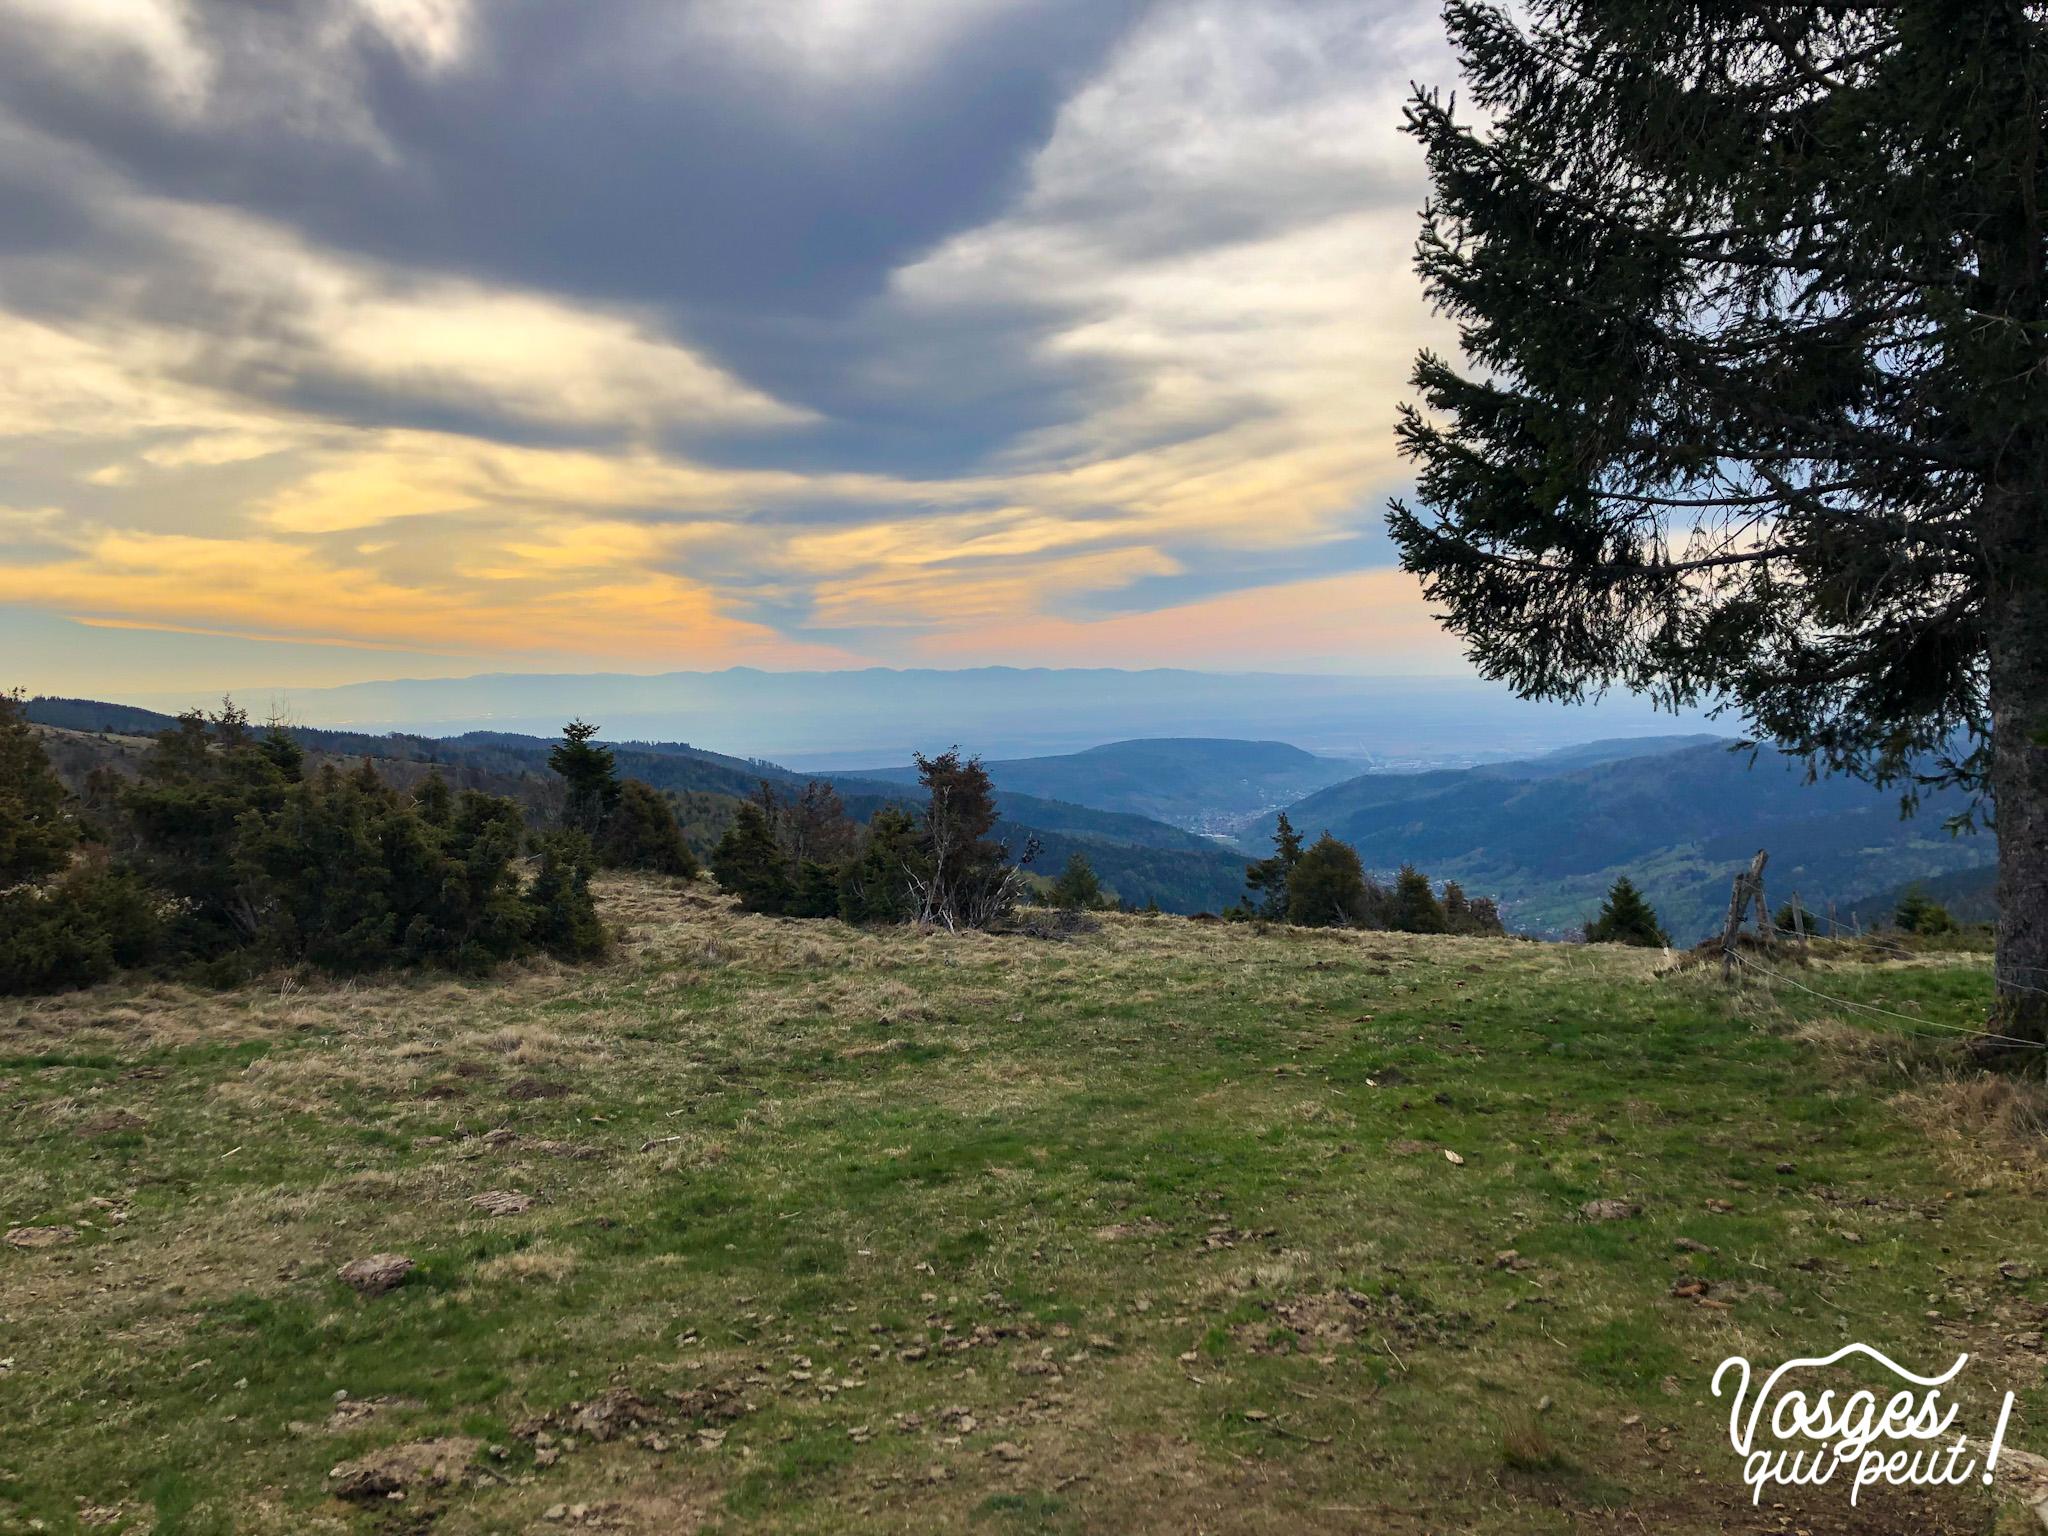 Vue sur la Forêt Noire depuis le Hilsenfirst dans le Massif des Vosges